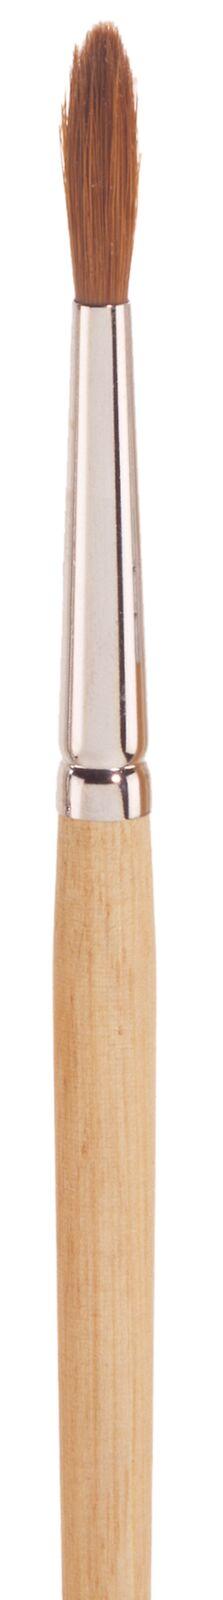 The Edge No.6 Kolinsky Round Brush - Πινέλο Ακρυλικού